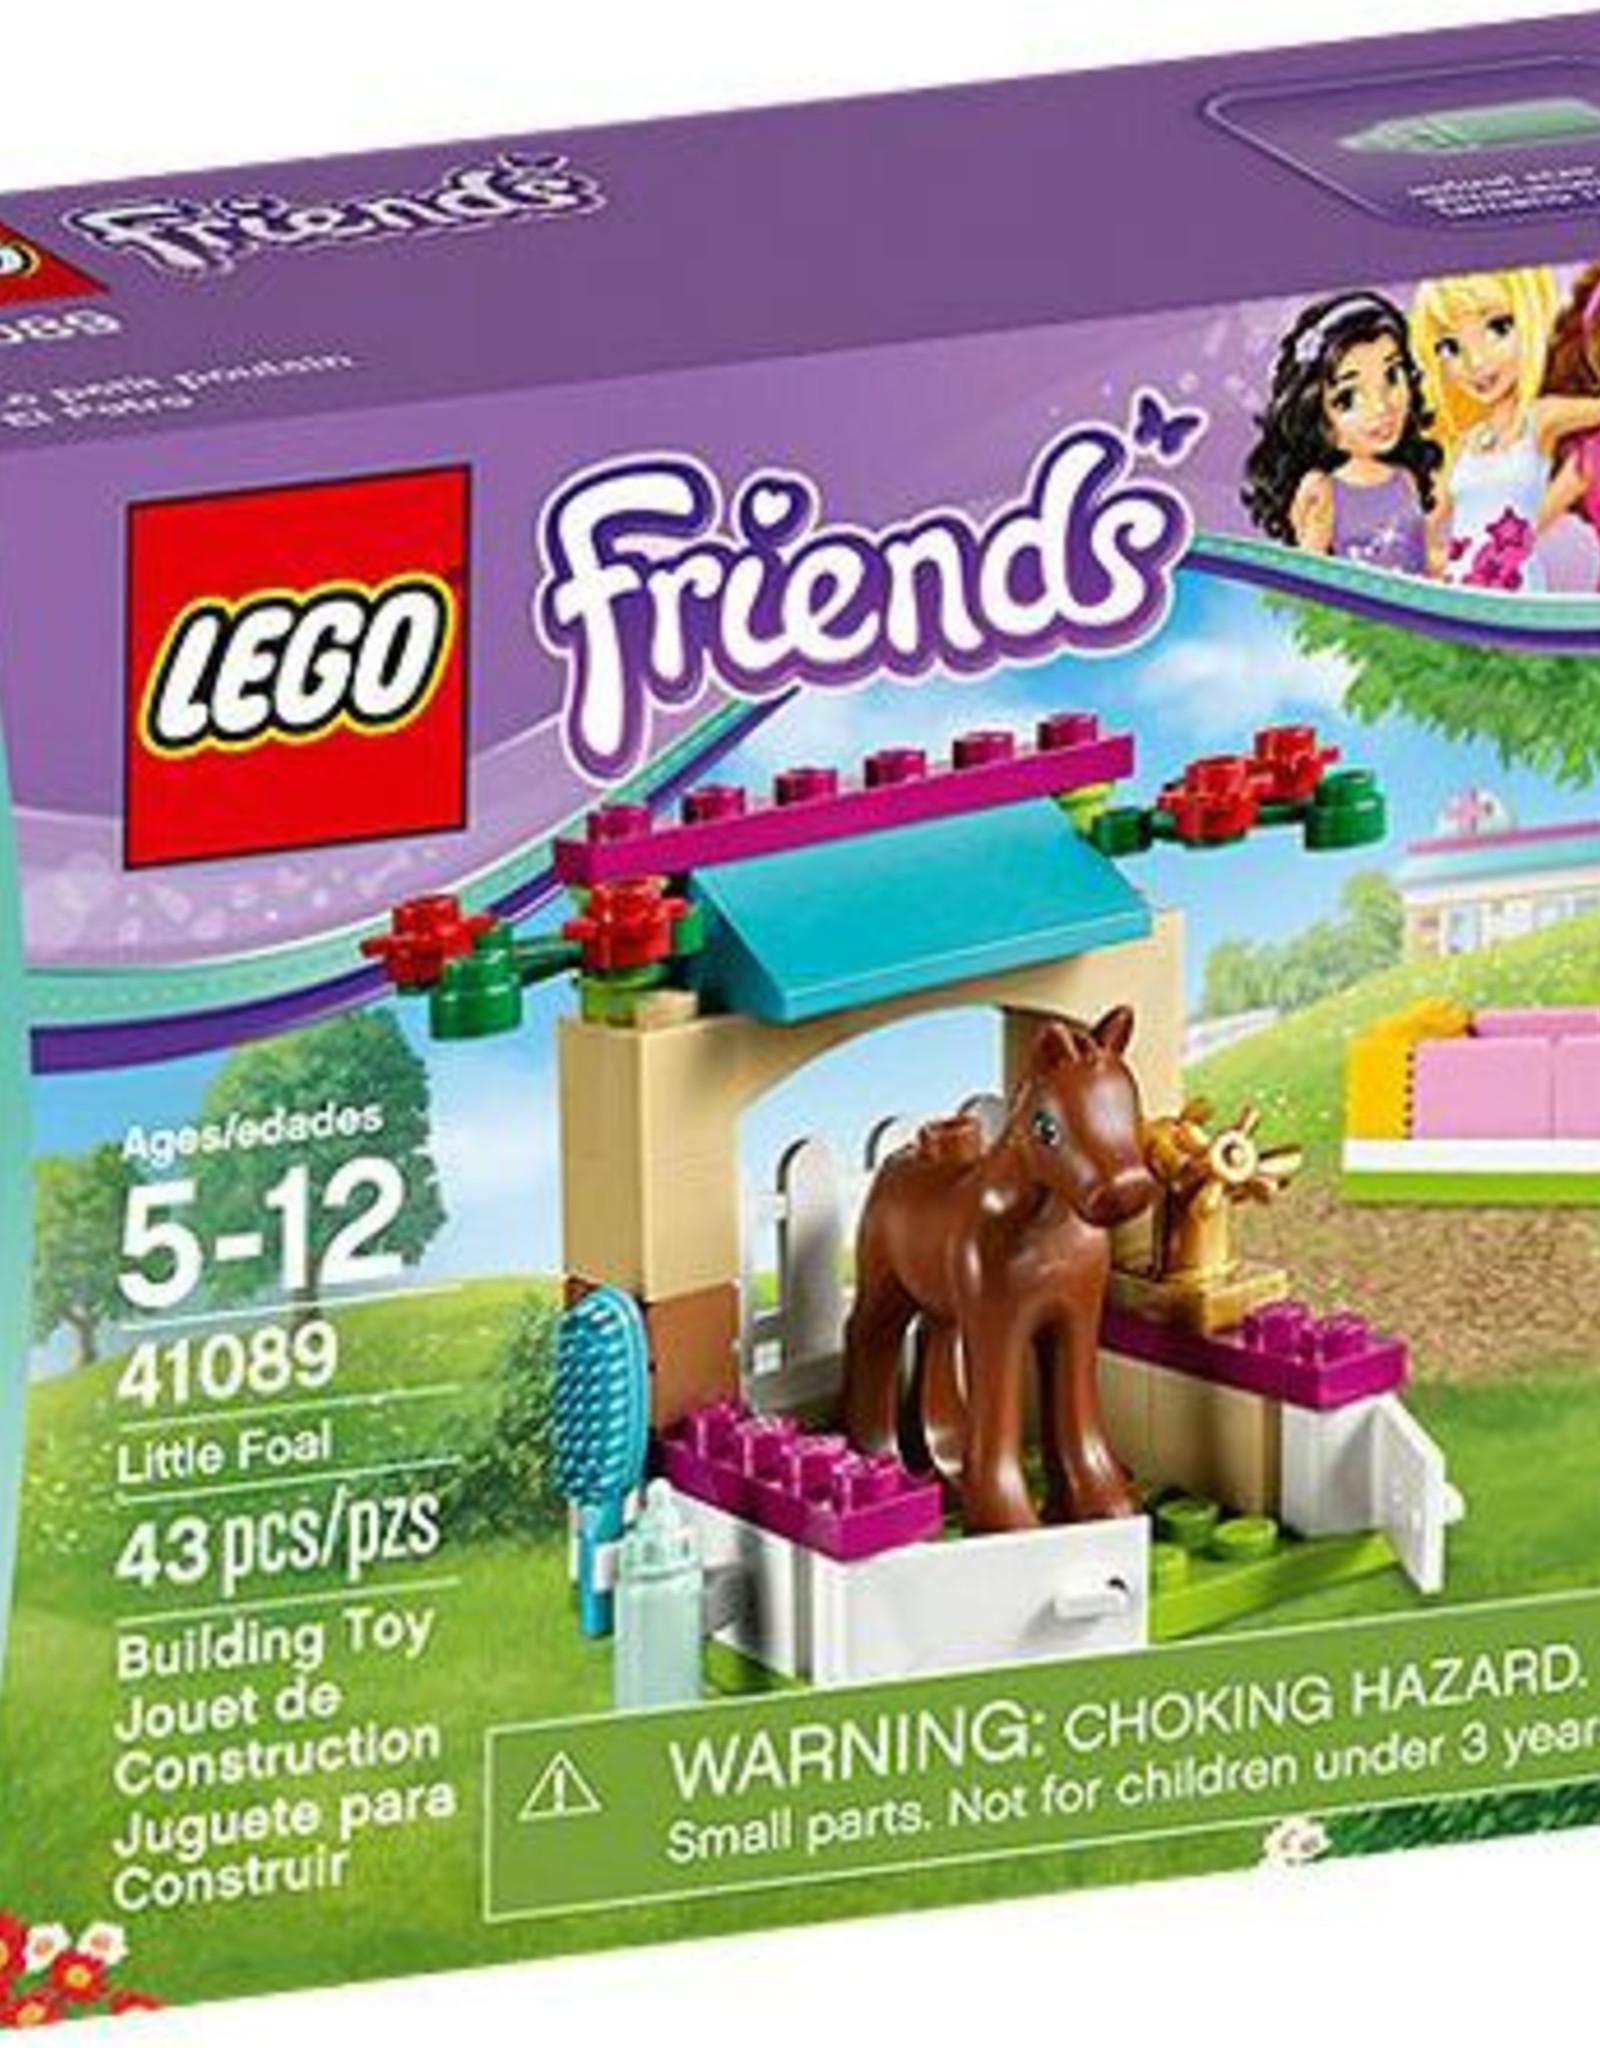 LEGO LEGO 41089 Little Foal FRIENDS